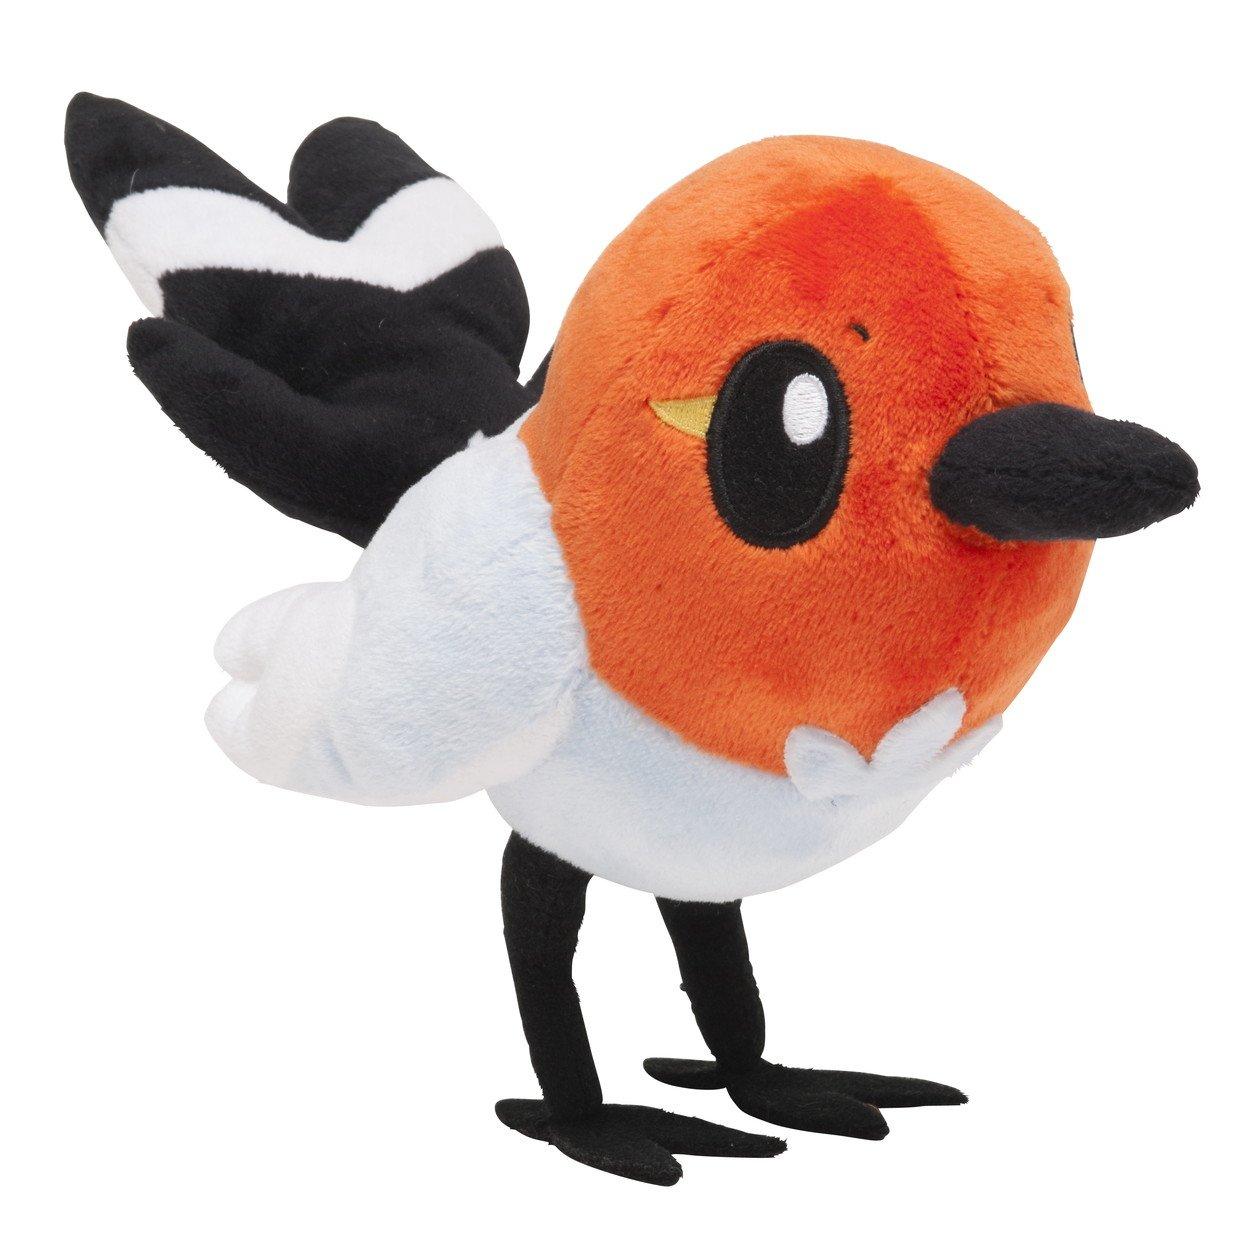 Pokemon Center Plüschtier Dartiri / Fletchling jetzt kaufen